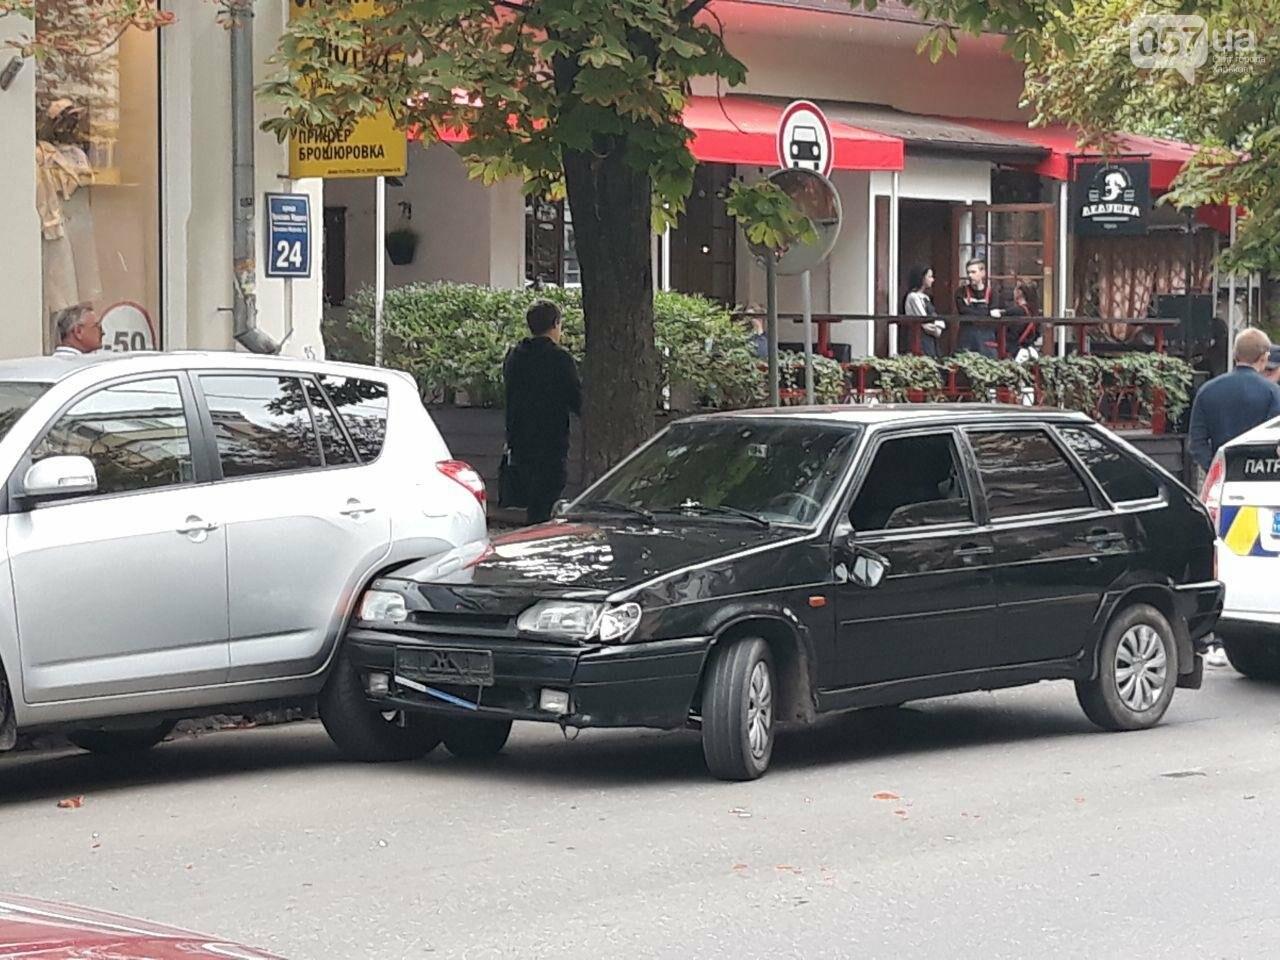 В центре Харькова «легковушка» сбила 16-летнюю девушку: пострадавшая в больнице, - ФОТО, ВИДЕО, фото-1